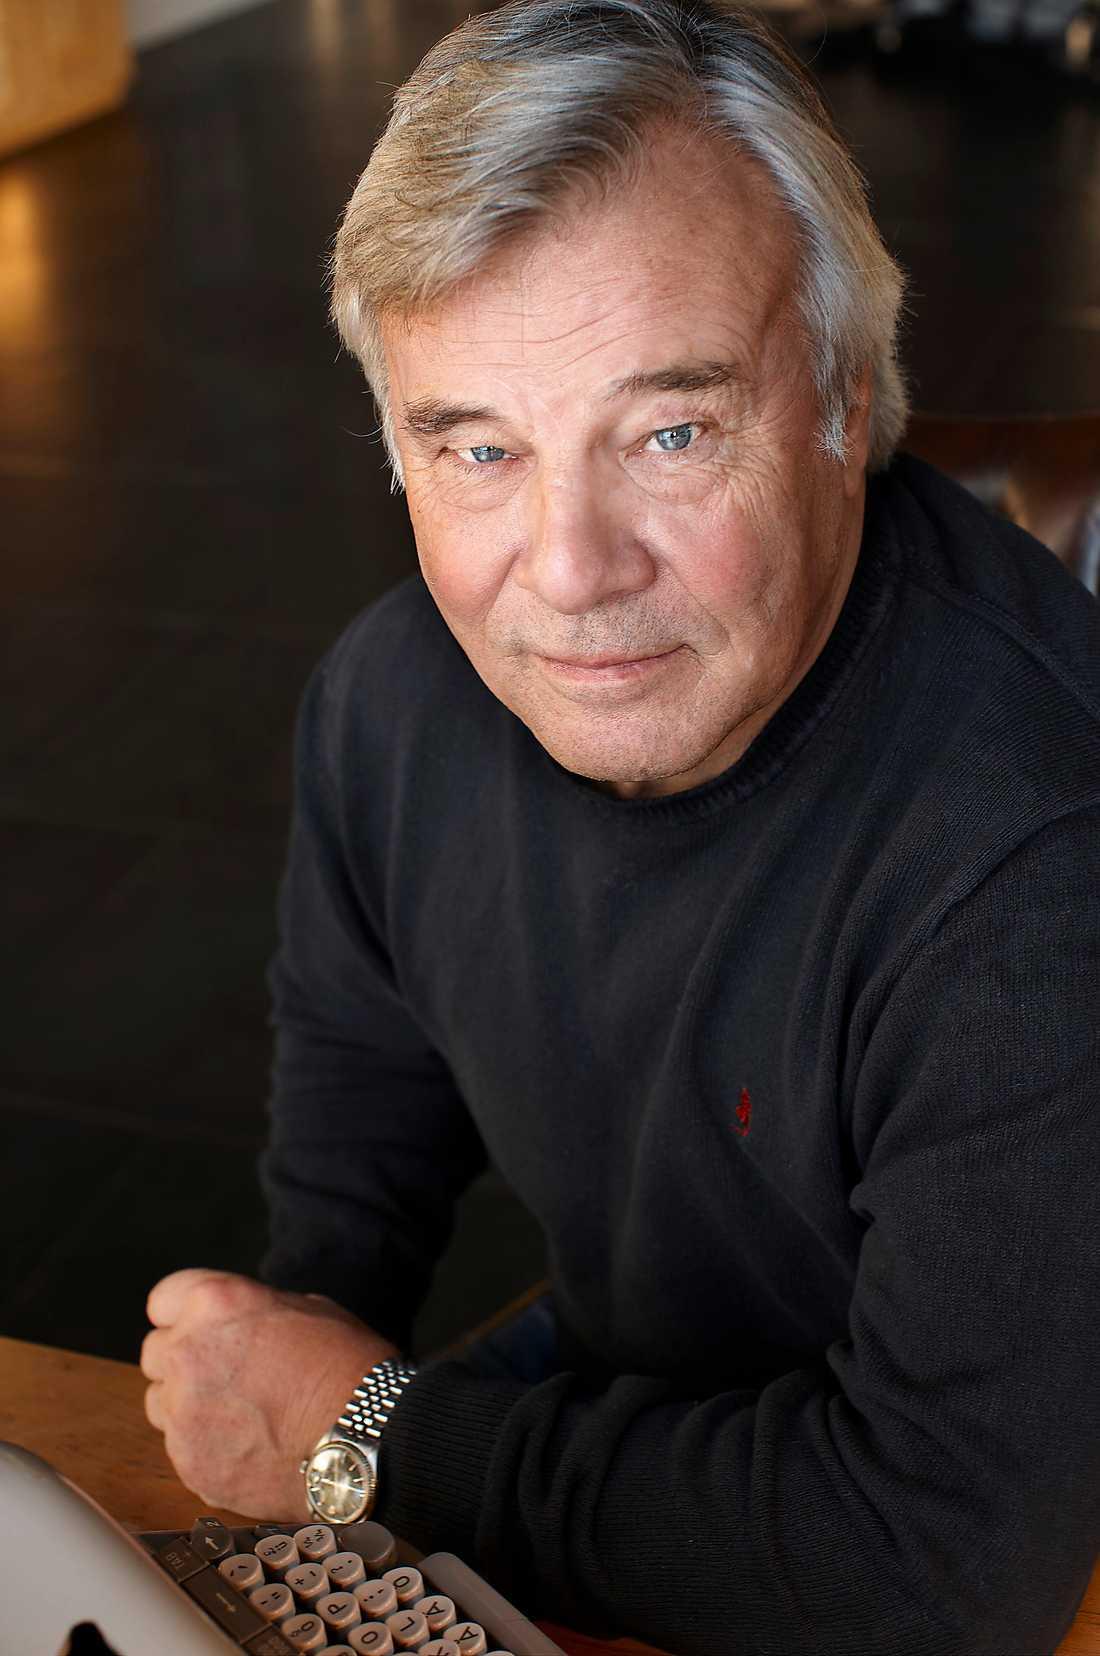 Glimrande Jan Guillous (född 1944) nya roman utspelar sig bland dandys och storviltsjägare i början av förra seklet.